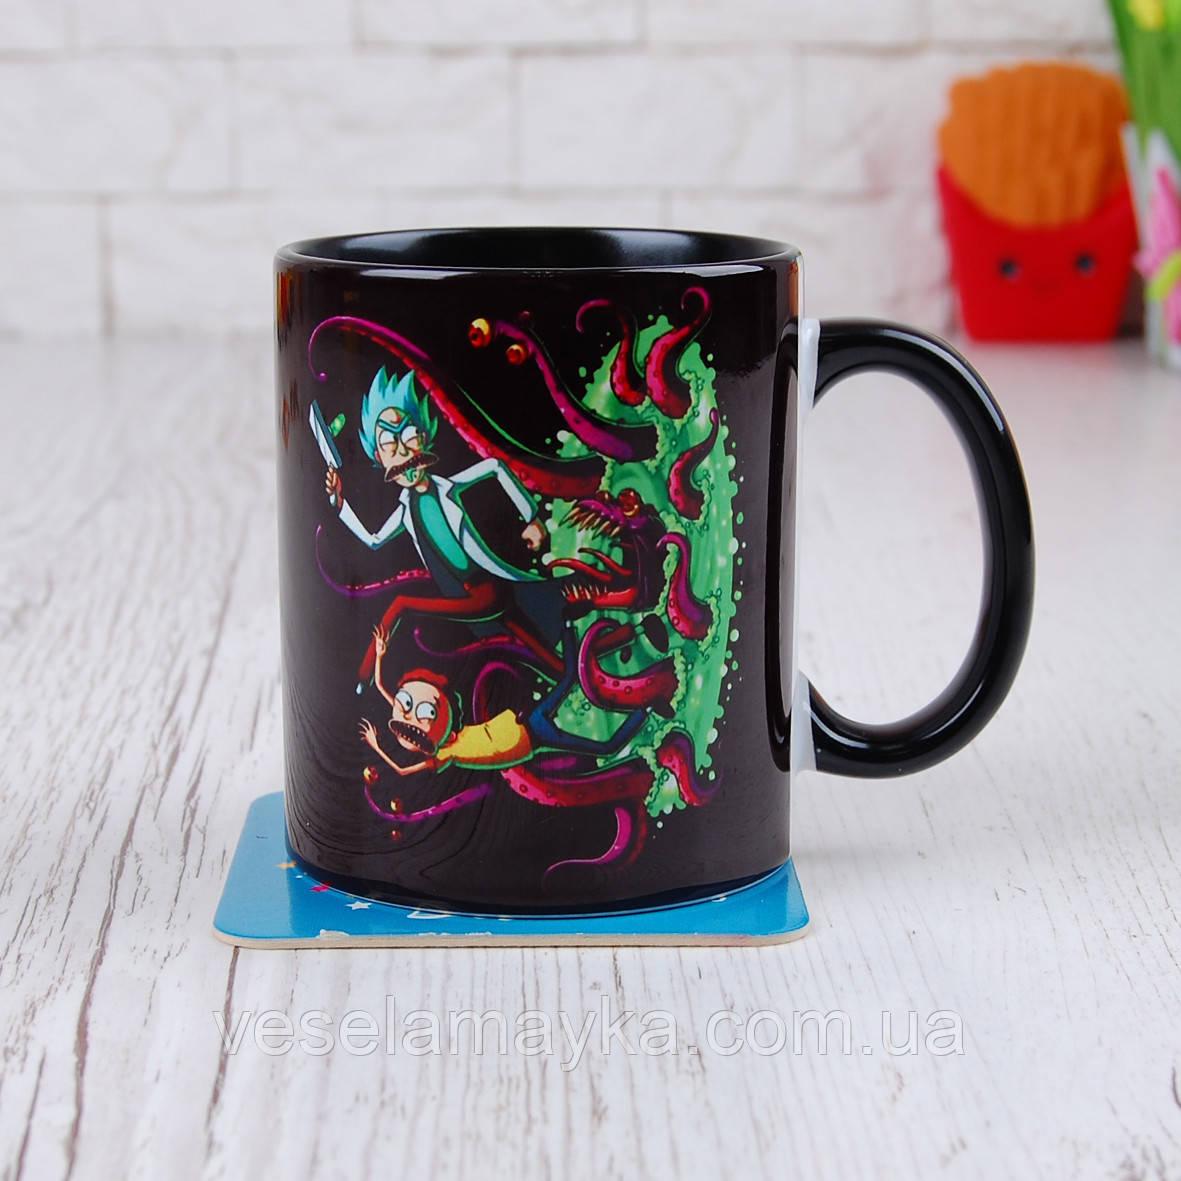 Чашка Rick and Morty 14 (Рик и Морти)